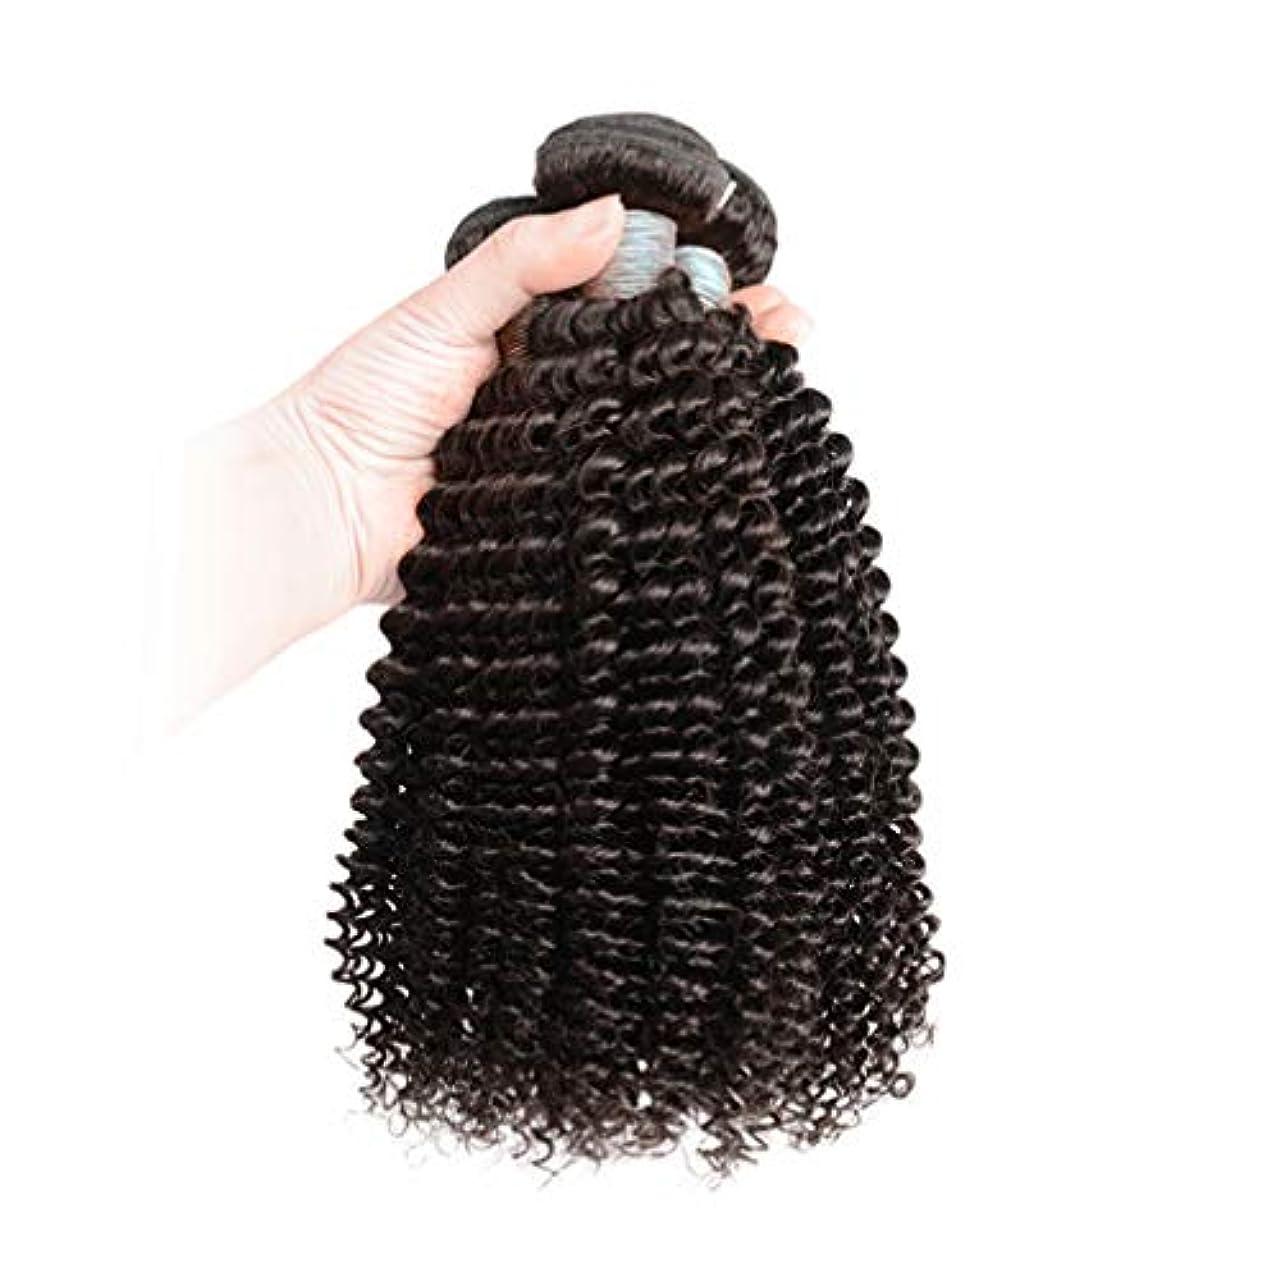 集めるモチーフ重要な役割を果たす、中心的な手段となる女性ブラジルボディウェーブ髪3バンドル人間の髪織り100%加工されていないブラジルのバージンの髪人間の髪の毛